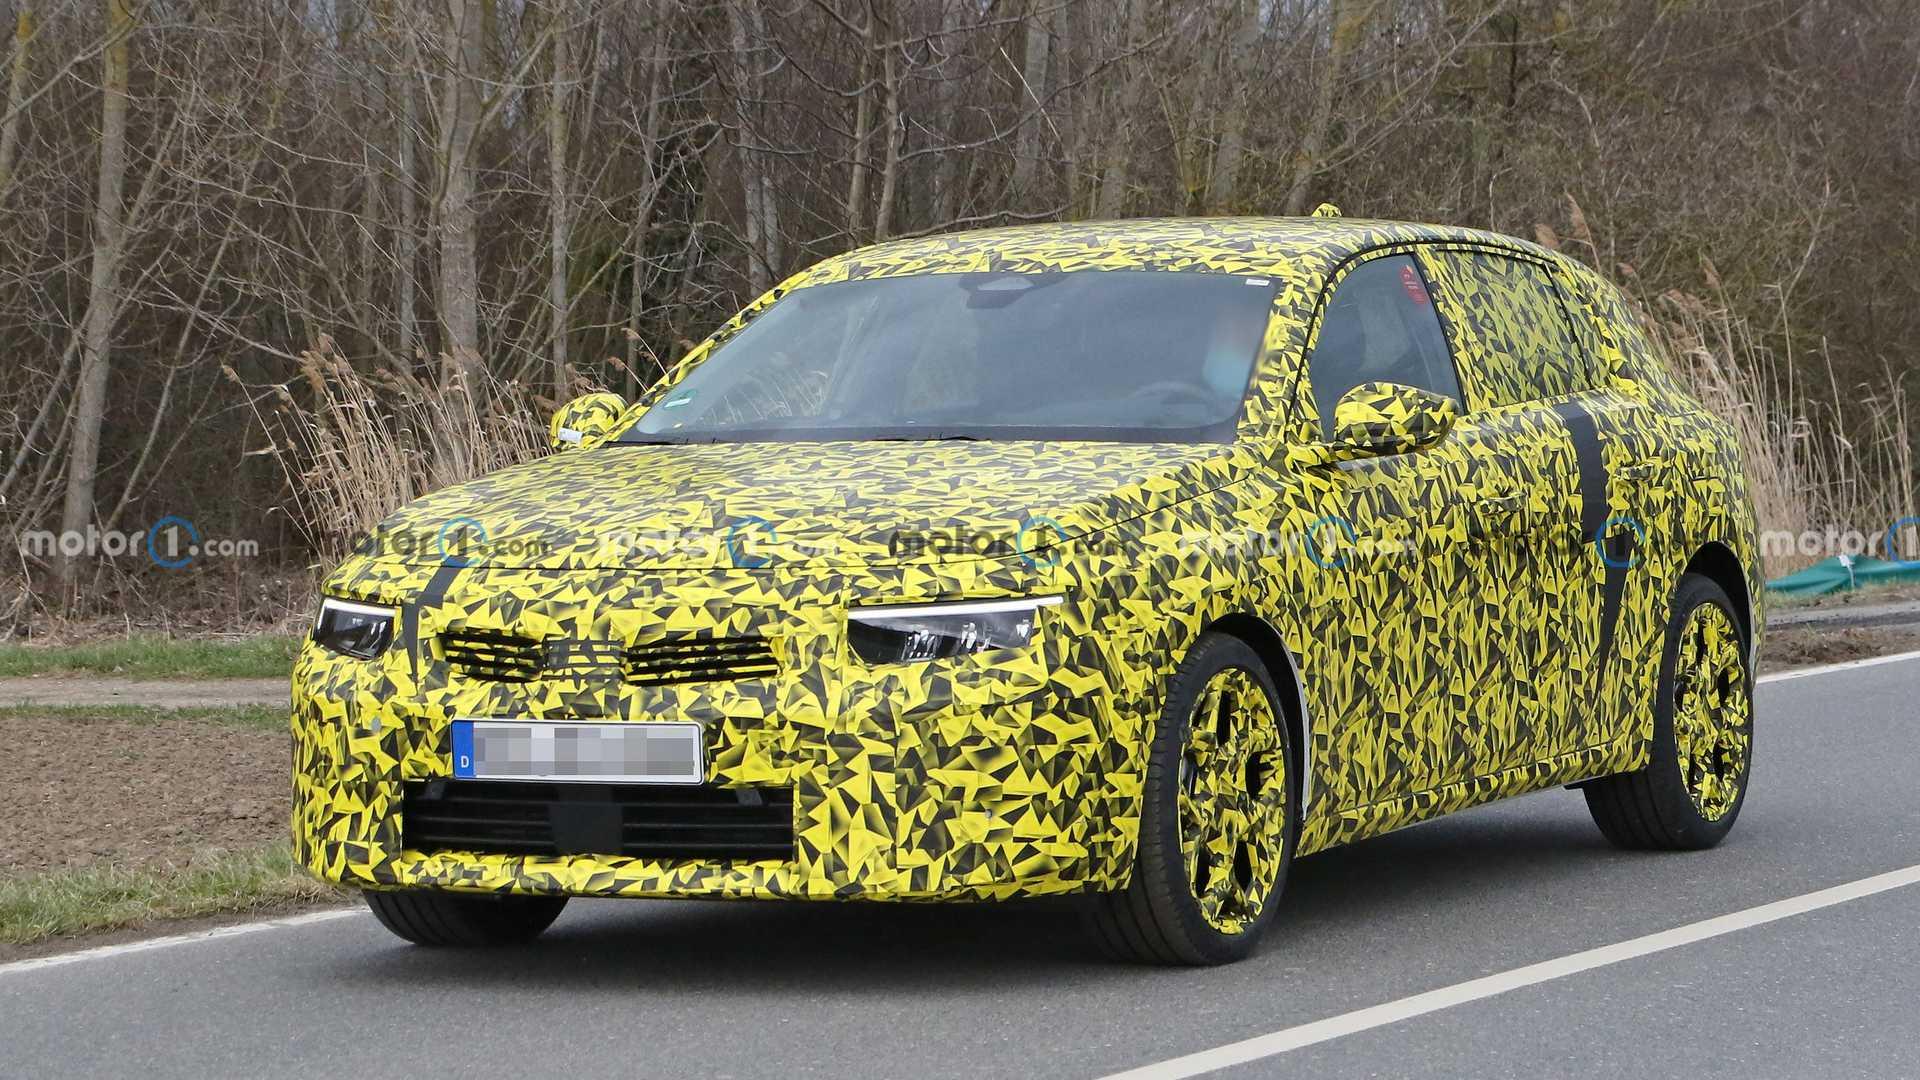 Nuova Opel Astra, le prime foto spia con una livrea insolita